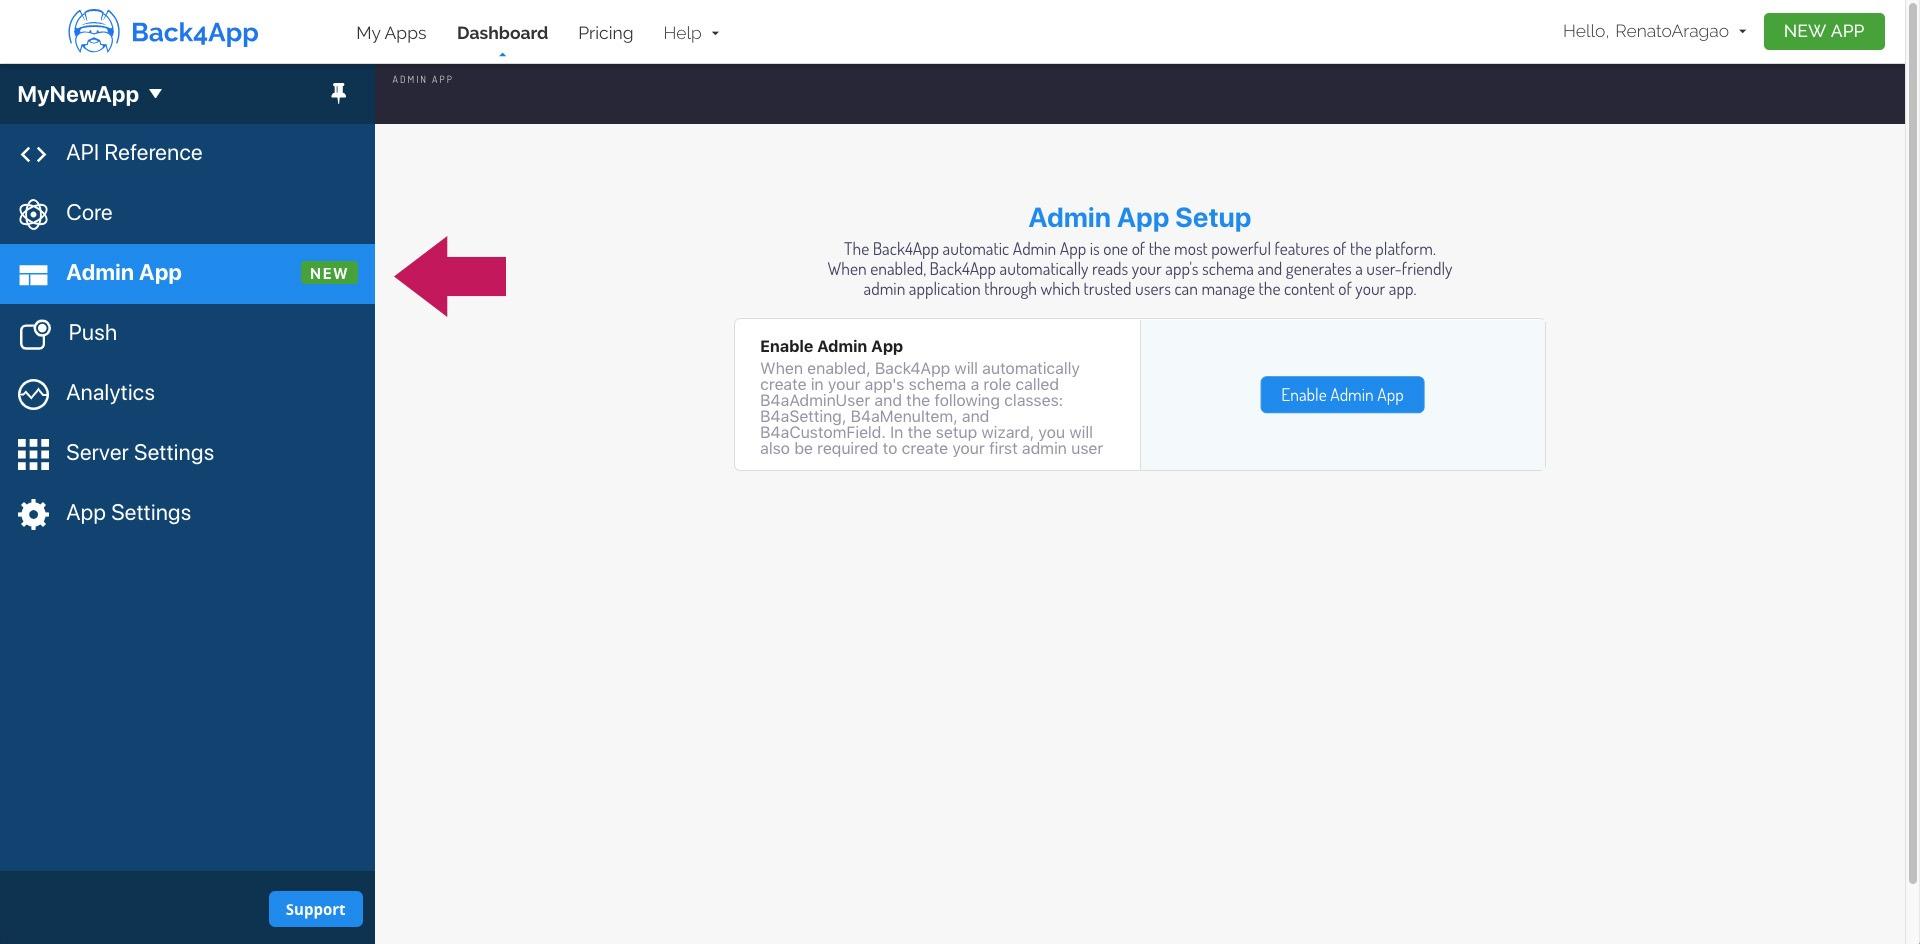 admin-app-setup